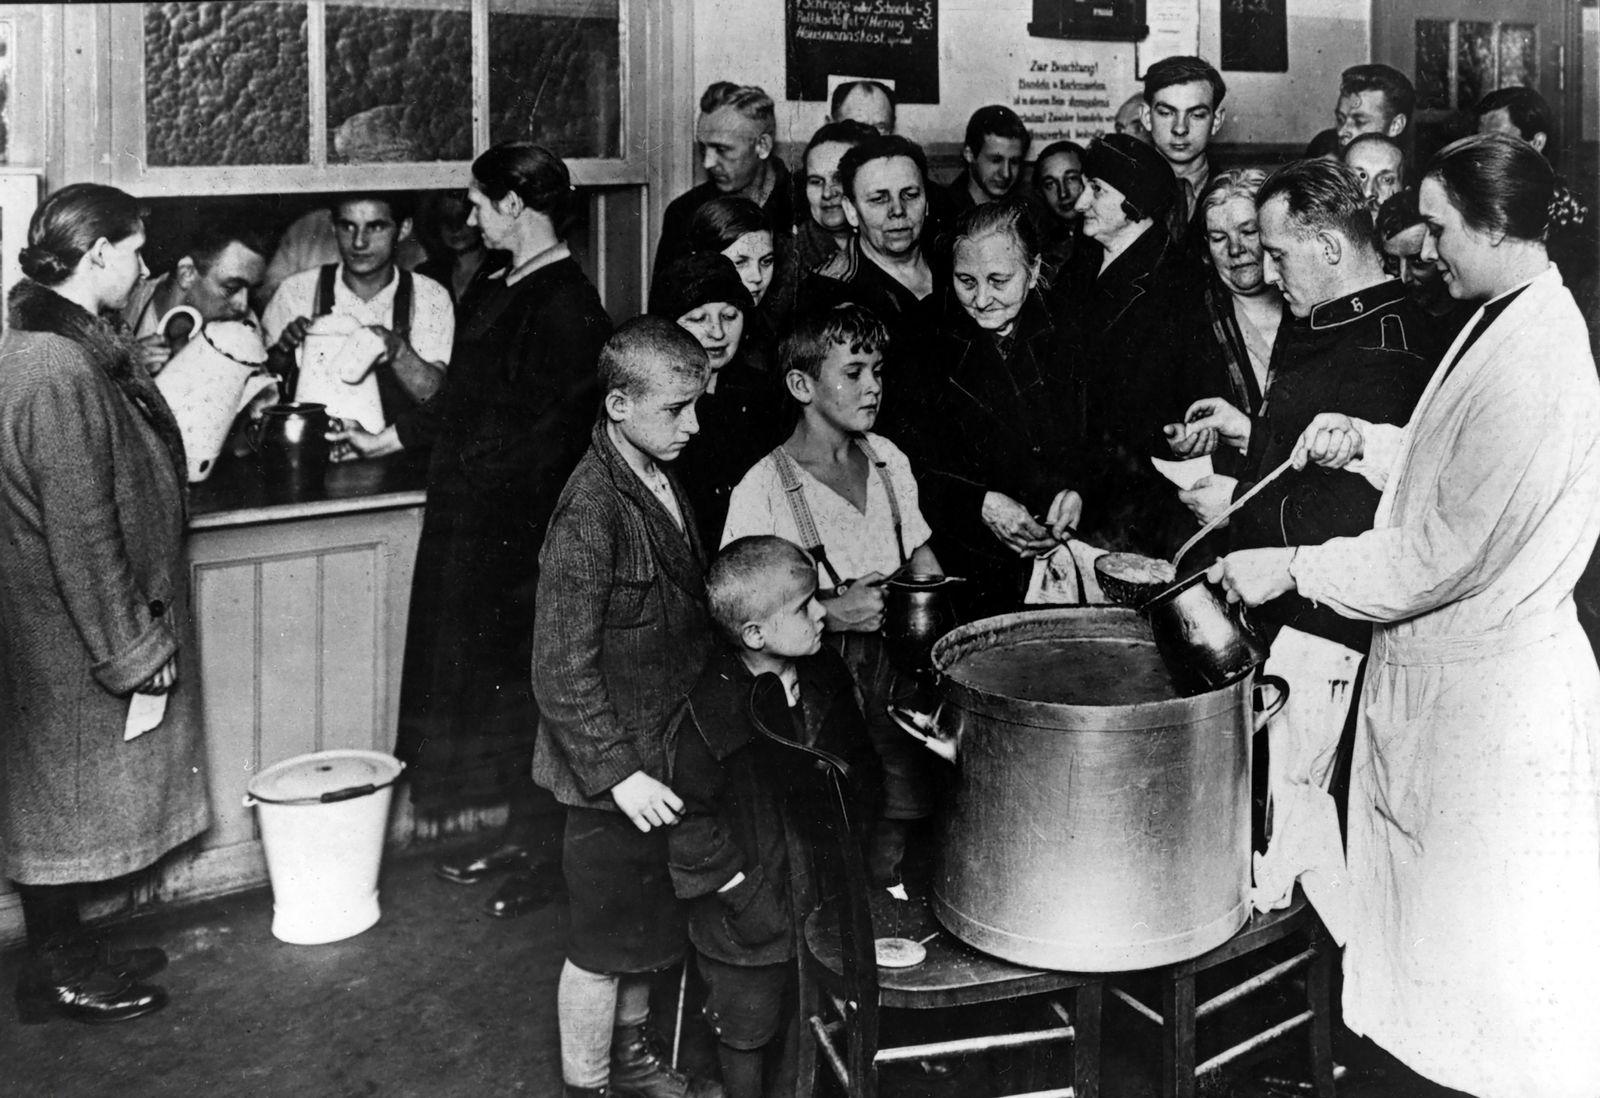 Wirtschaftskrise 1929-1933: Freimahlzeit bei der Heilsarmee in der Dresdener Strasse in Berlin